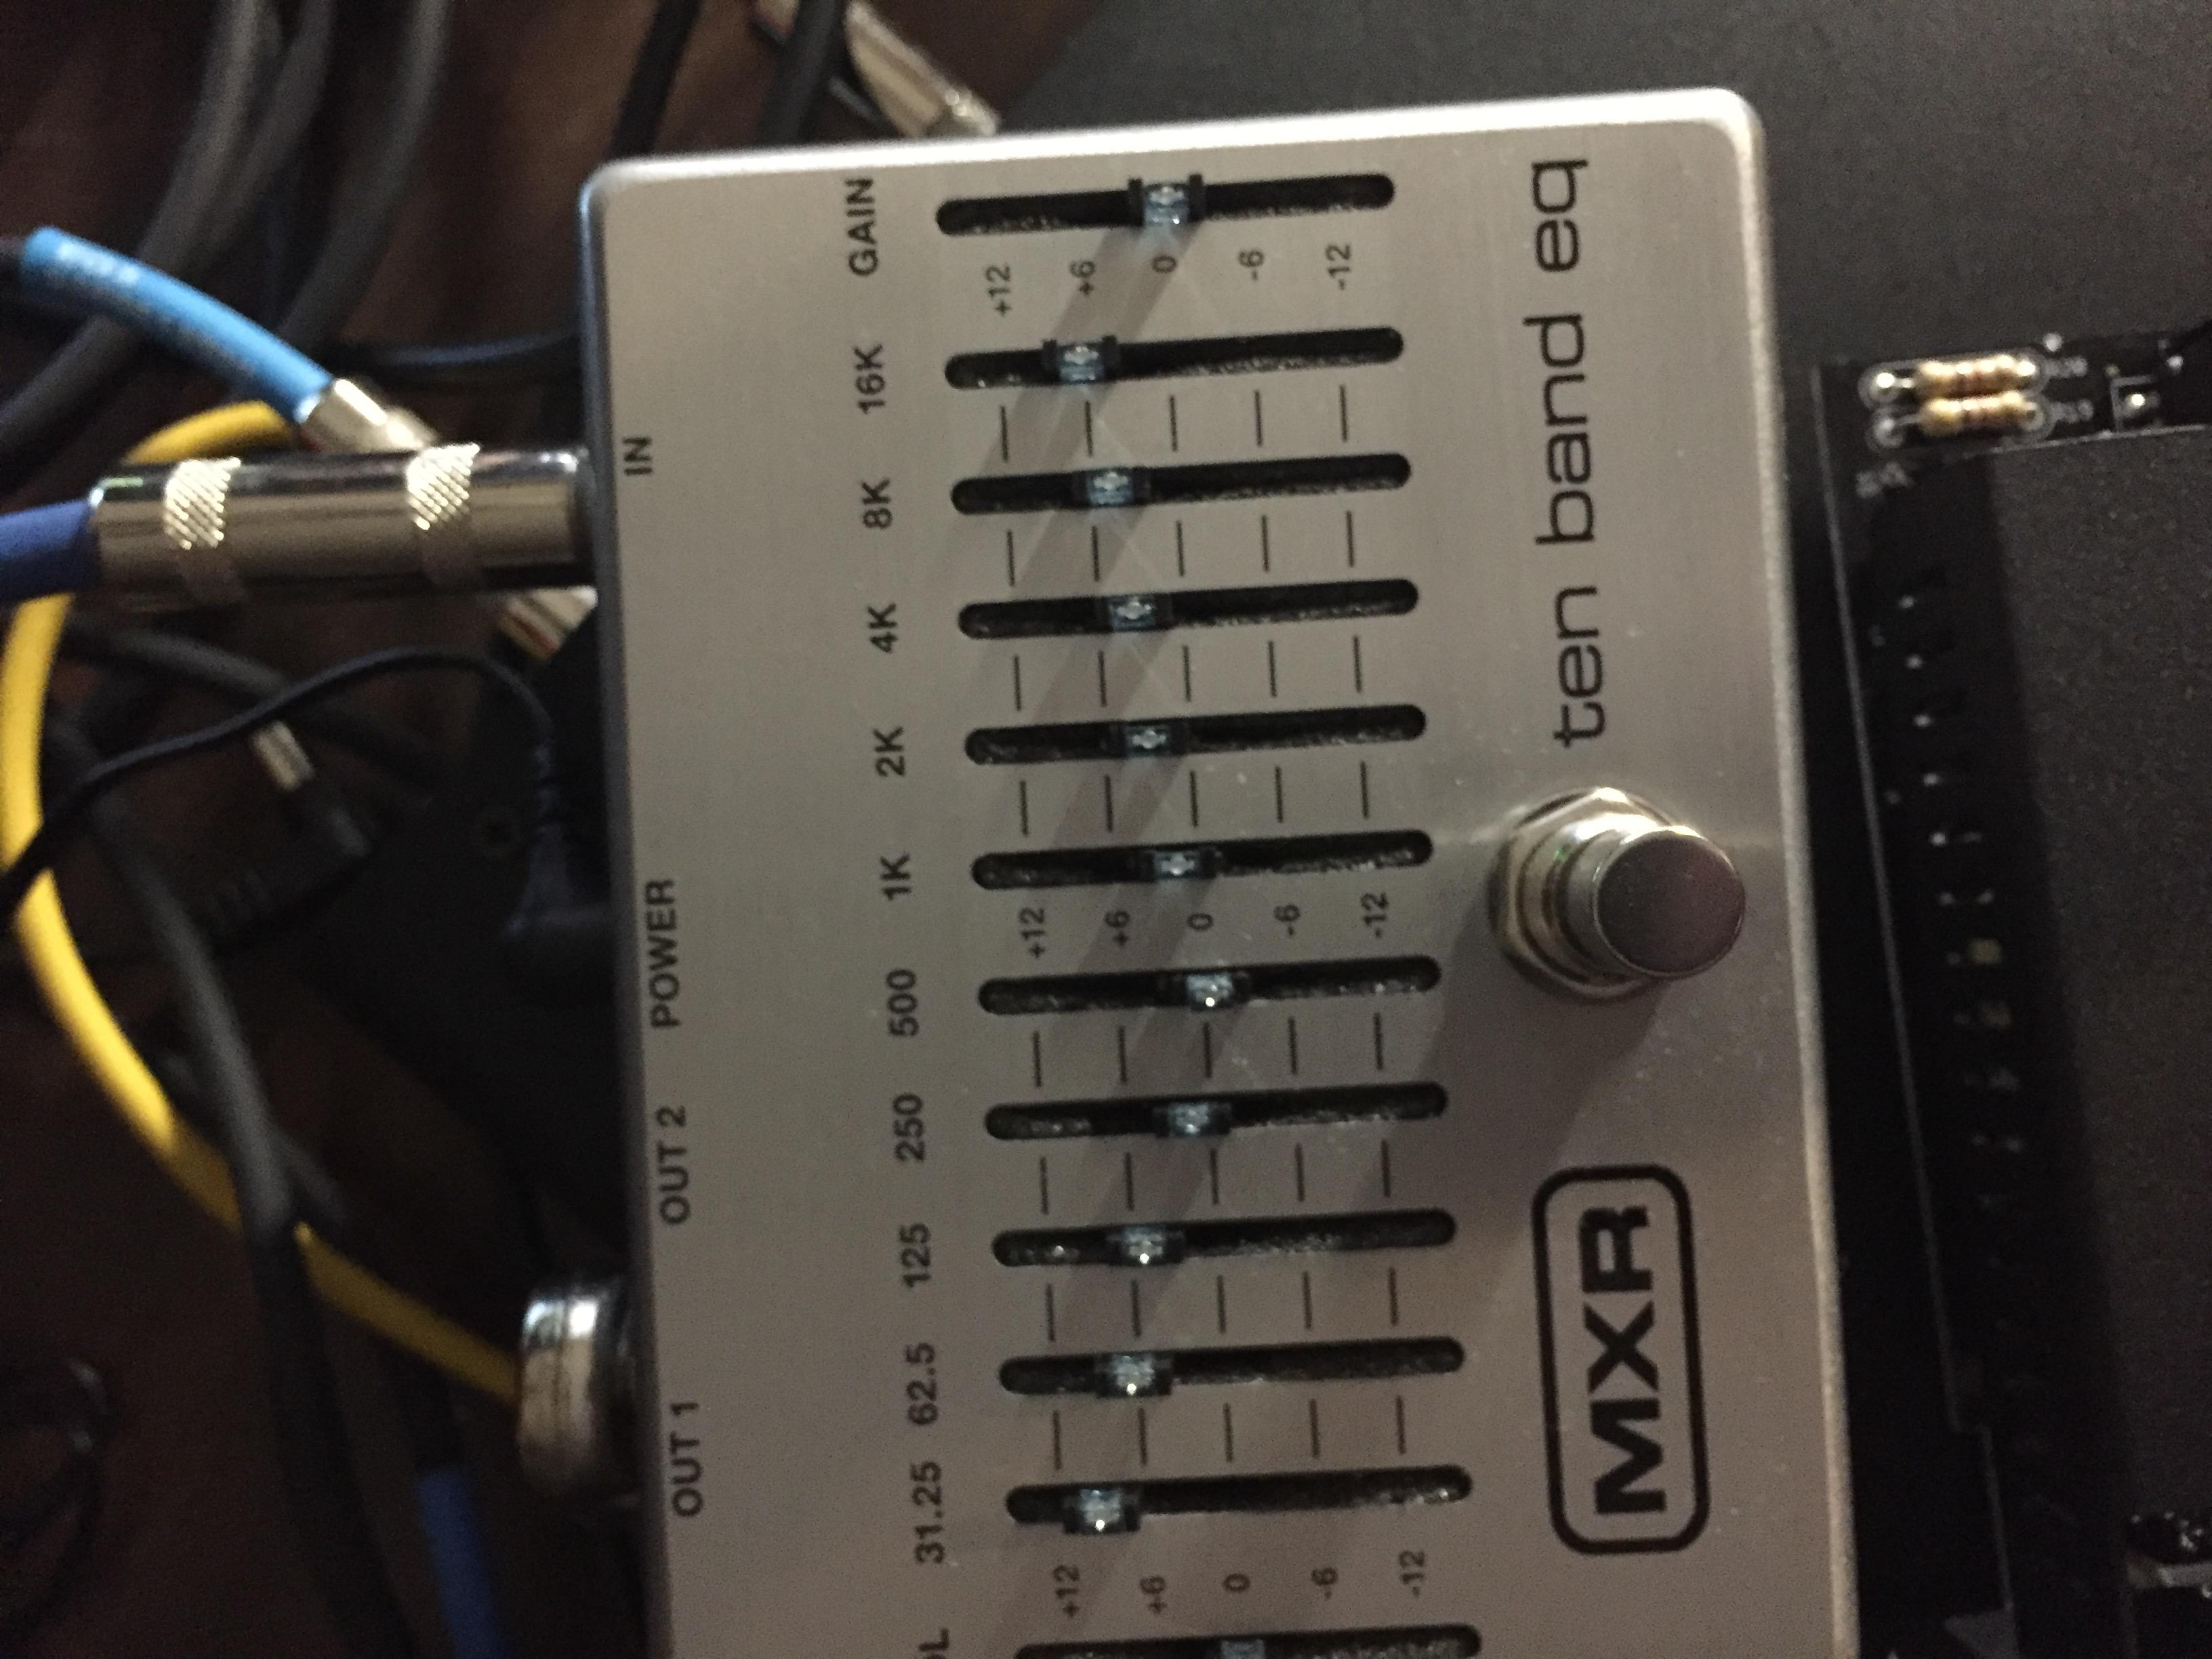 setting up an eq-eq-tone-match-powerstage-el34-mxr-jpg